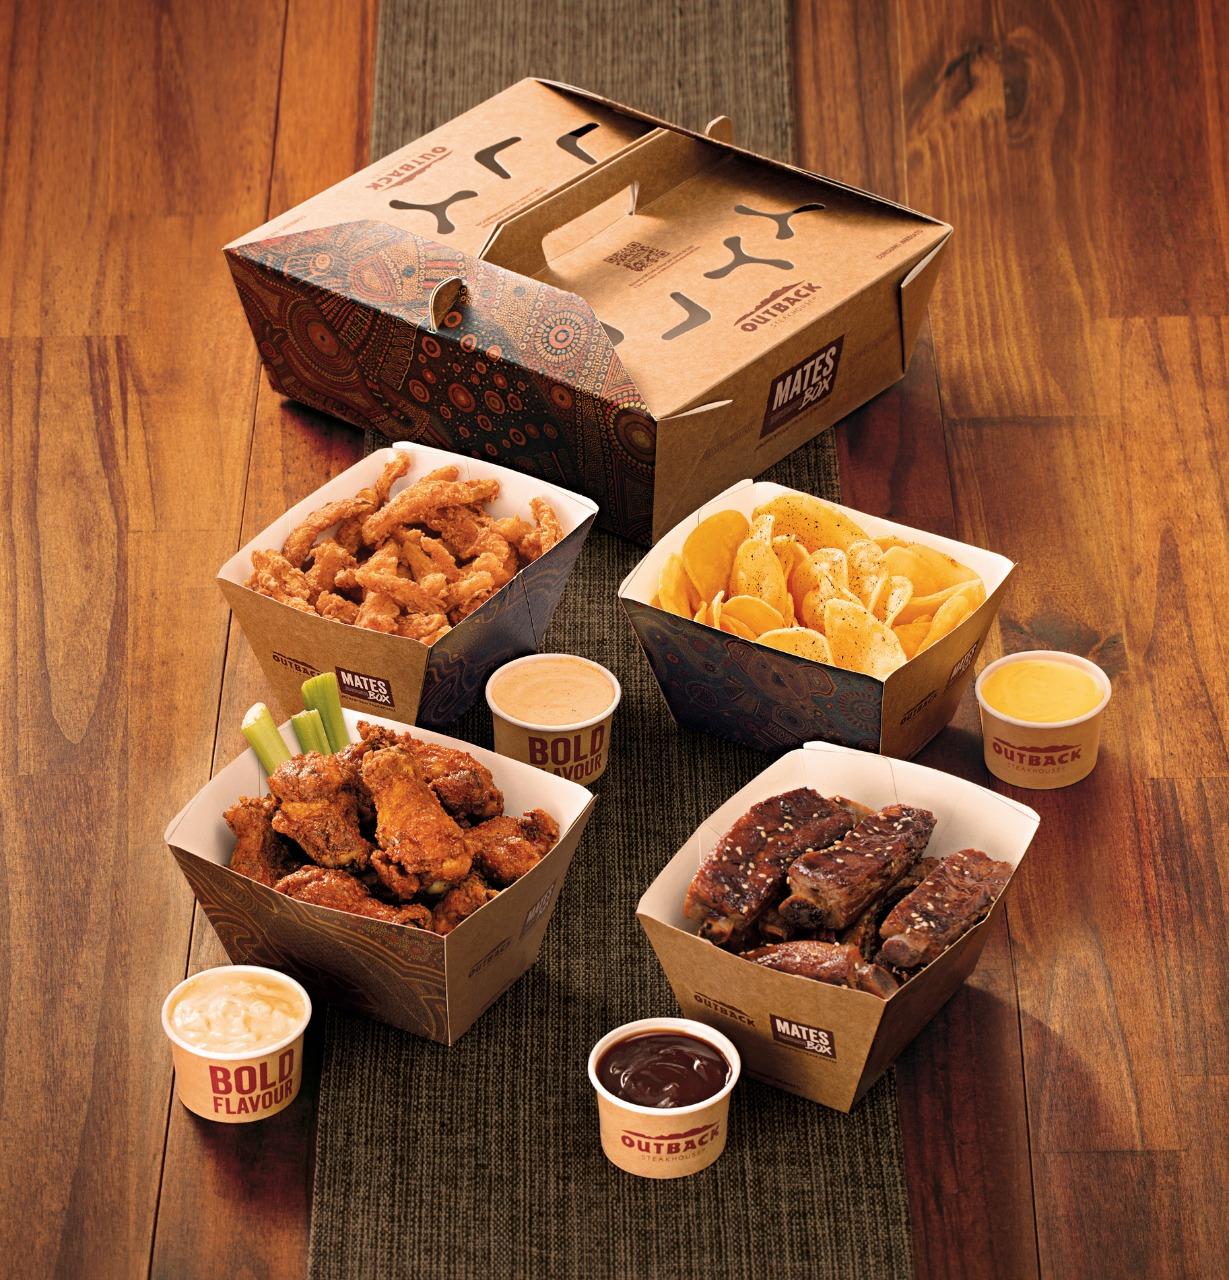 Outback lança box generoso que reúne aperitivos icônicos e serve até seis pessoas via delivery